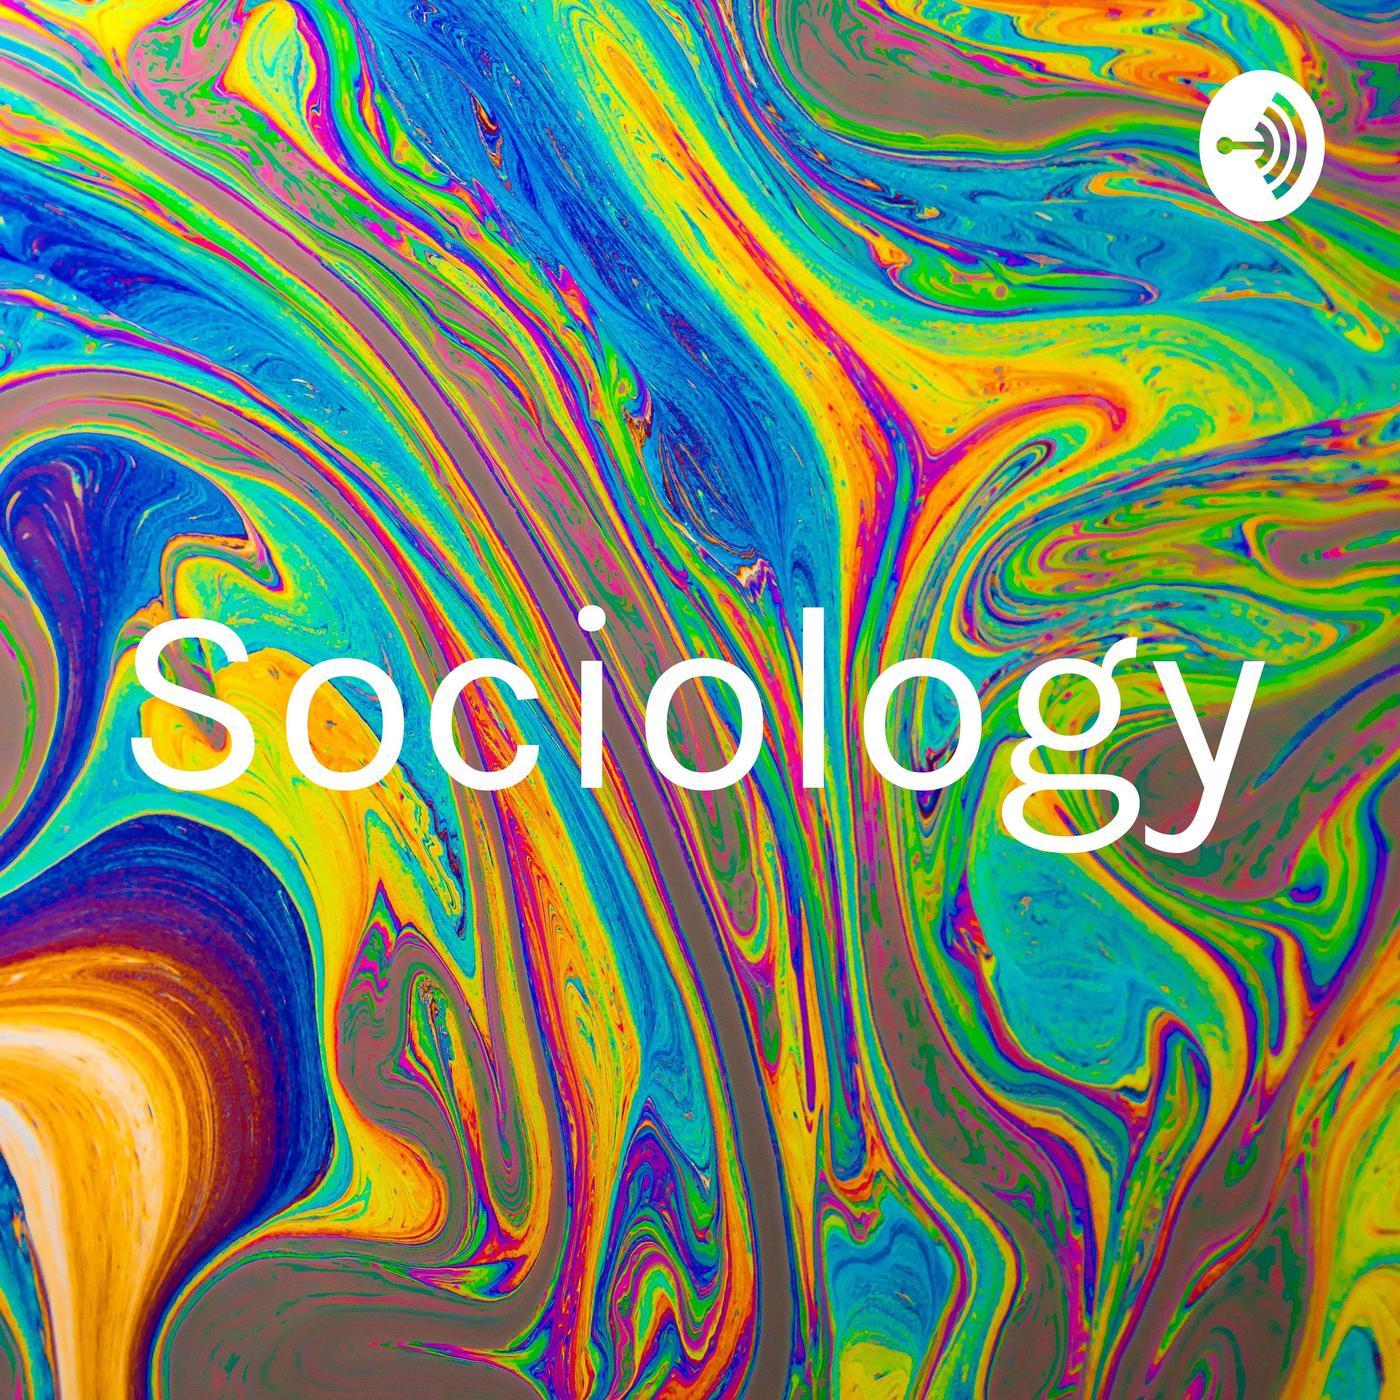 Sociology (podcast) - rilynn preston   Listen Notes